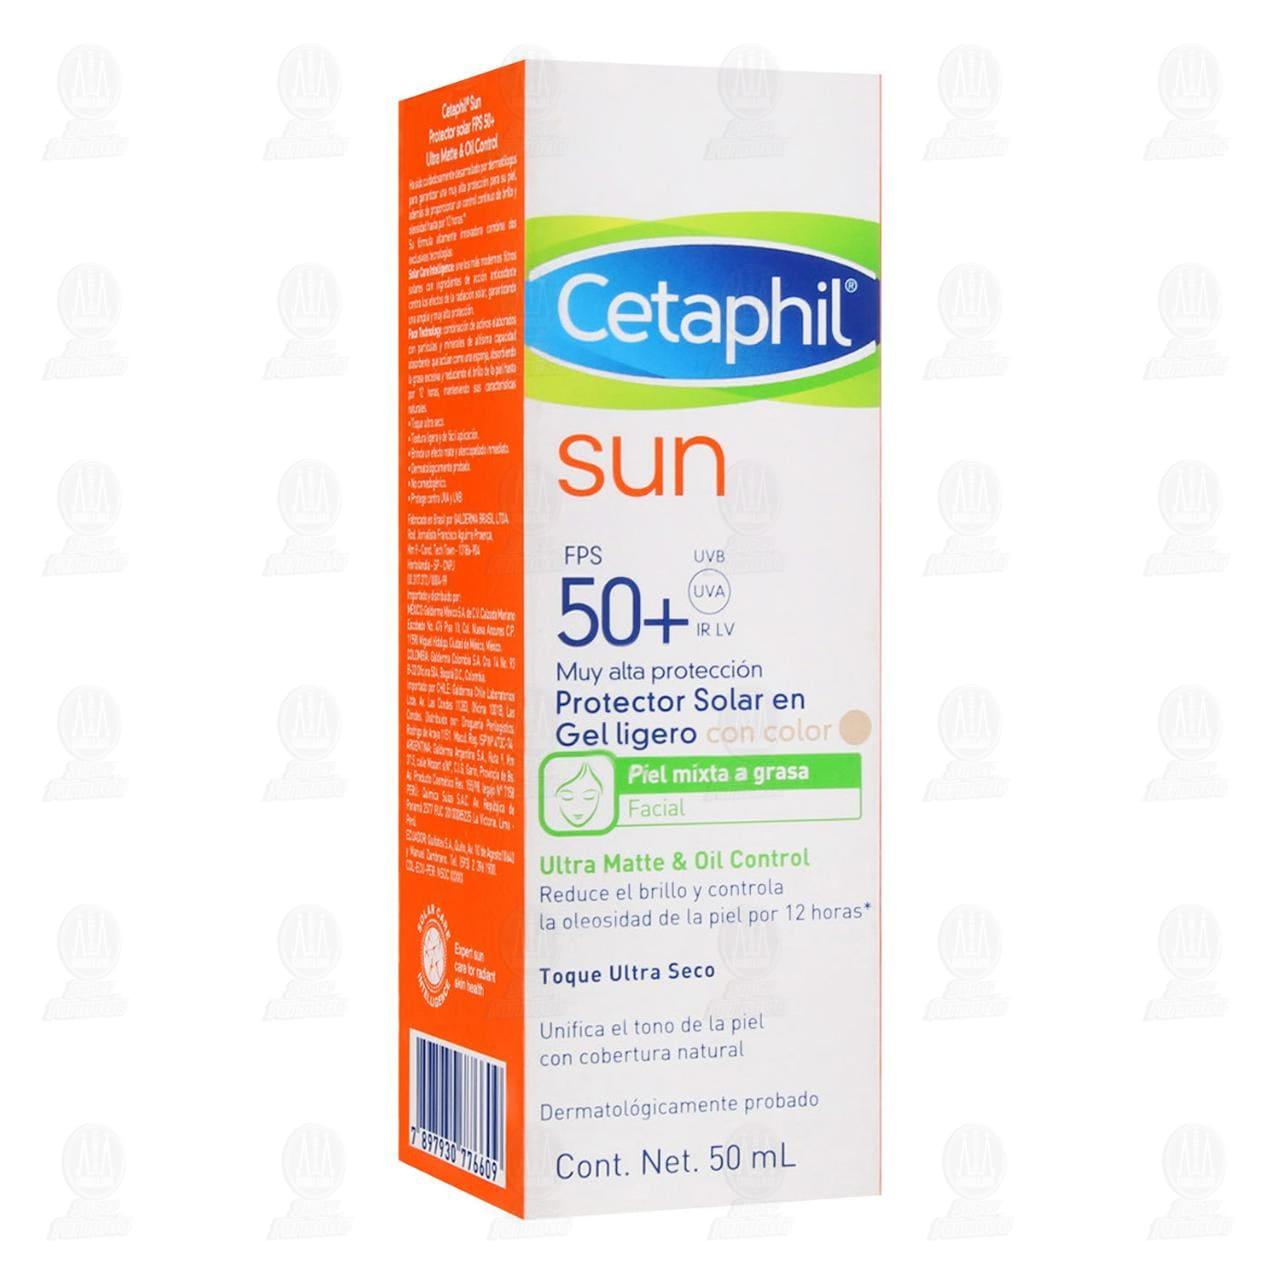 Comprar Cetaphil Sun FPS 50+ Gel Ligero Oil Control con Color, 50 ml. en Farmacias Guadalajara